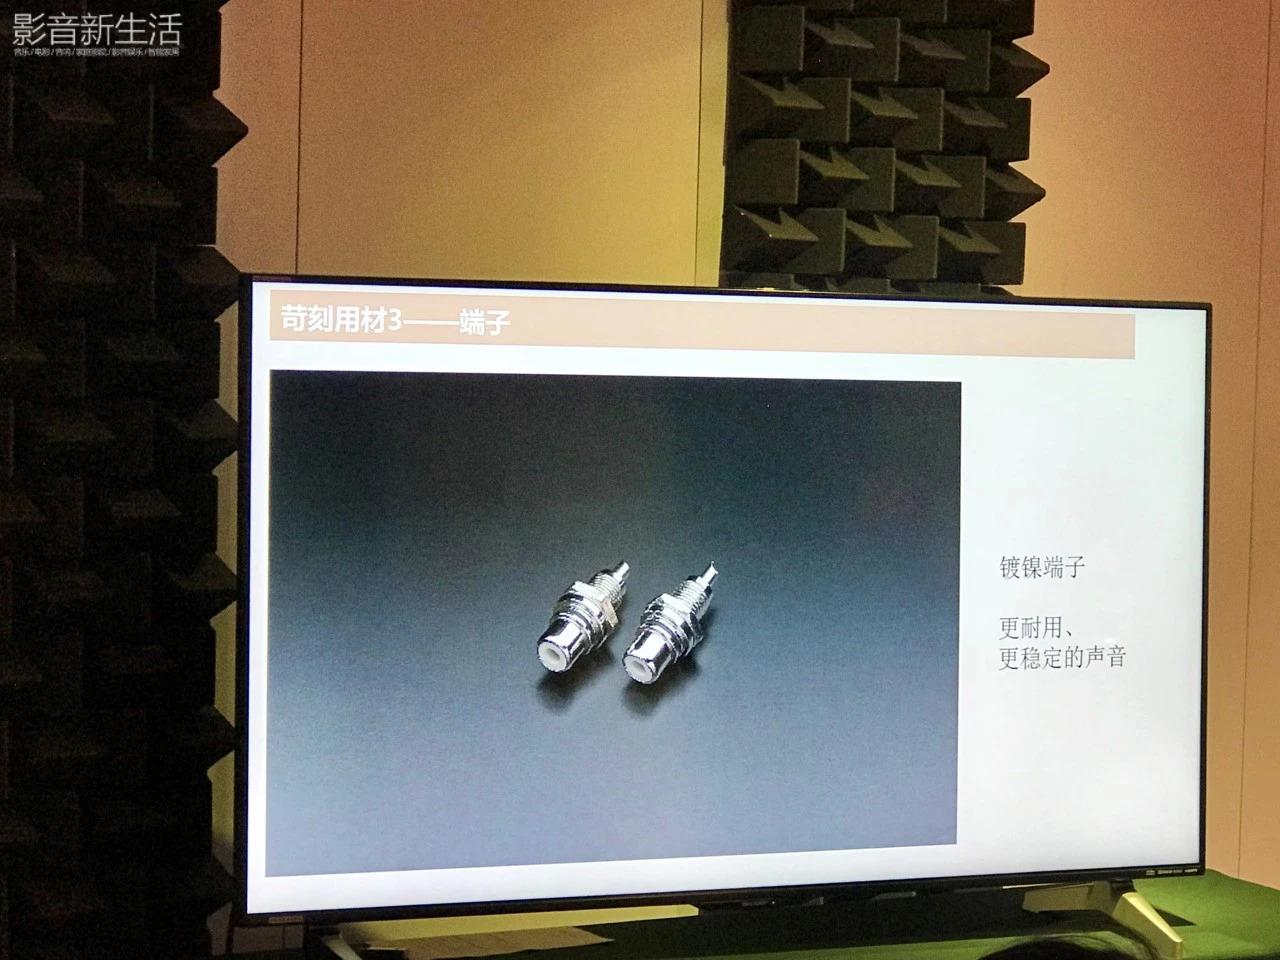 展会回顾 | Marantz马兰士于2018广州国际音响唱片展发布最新KI Ruby套装产品